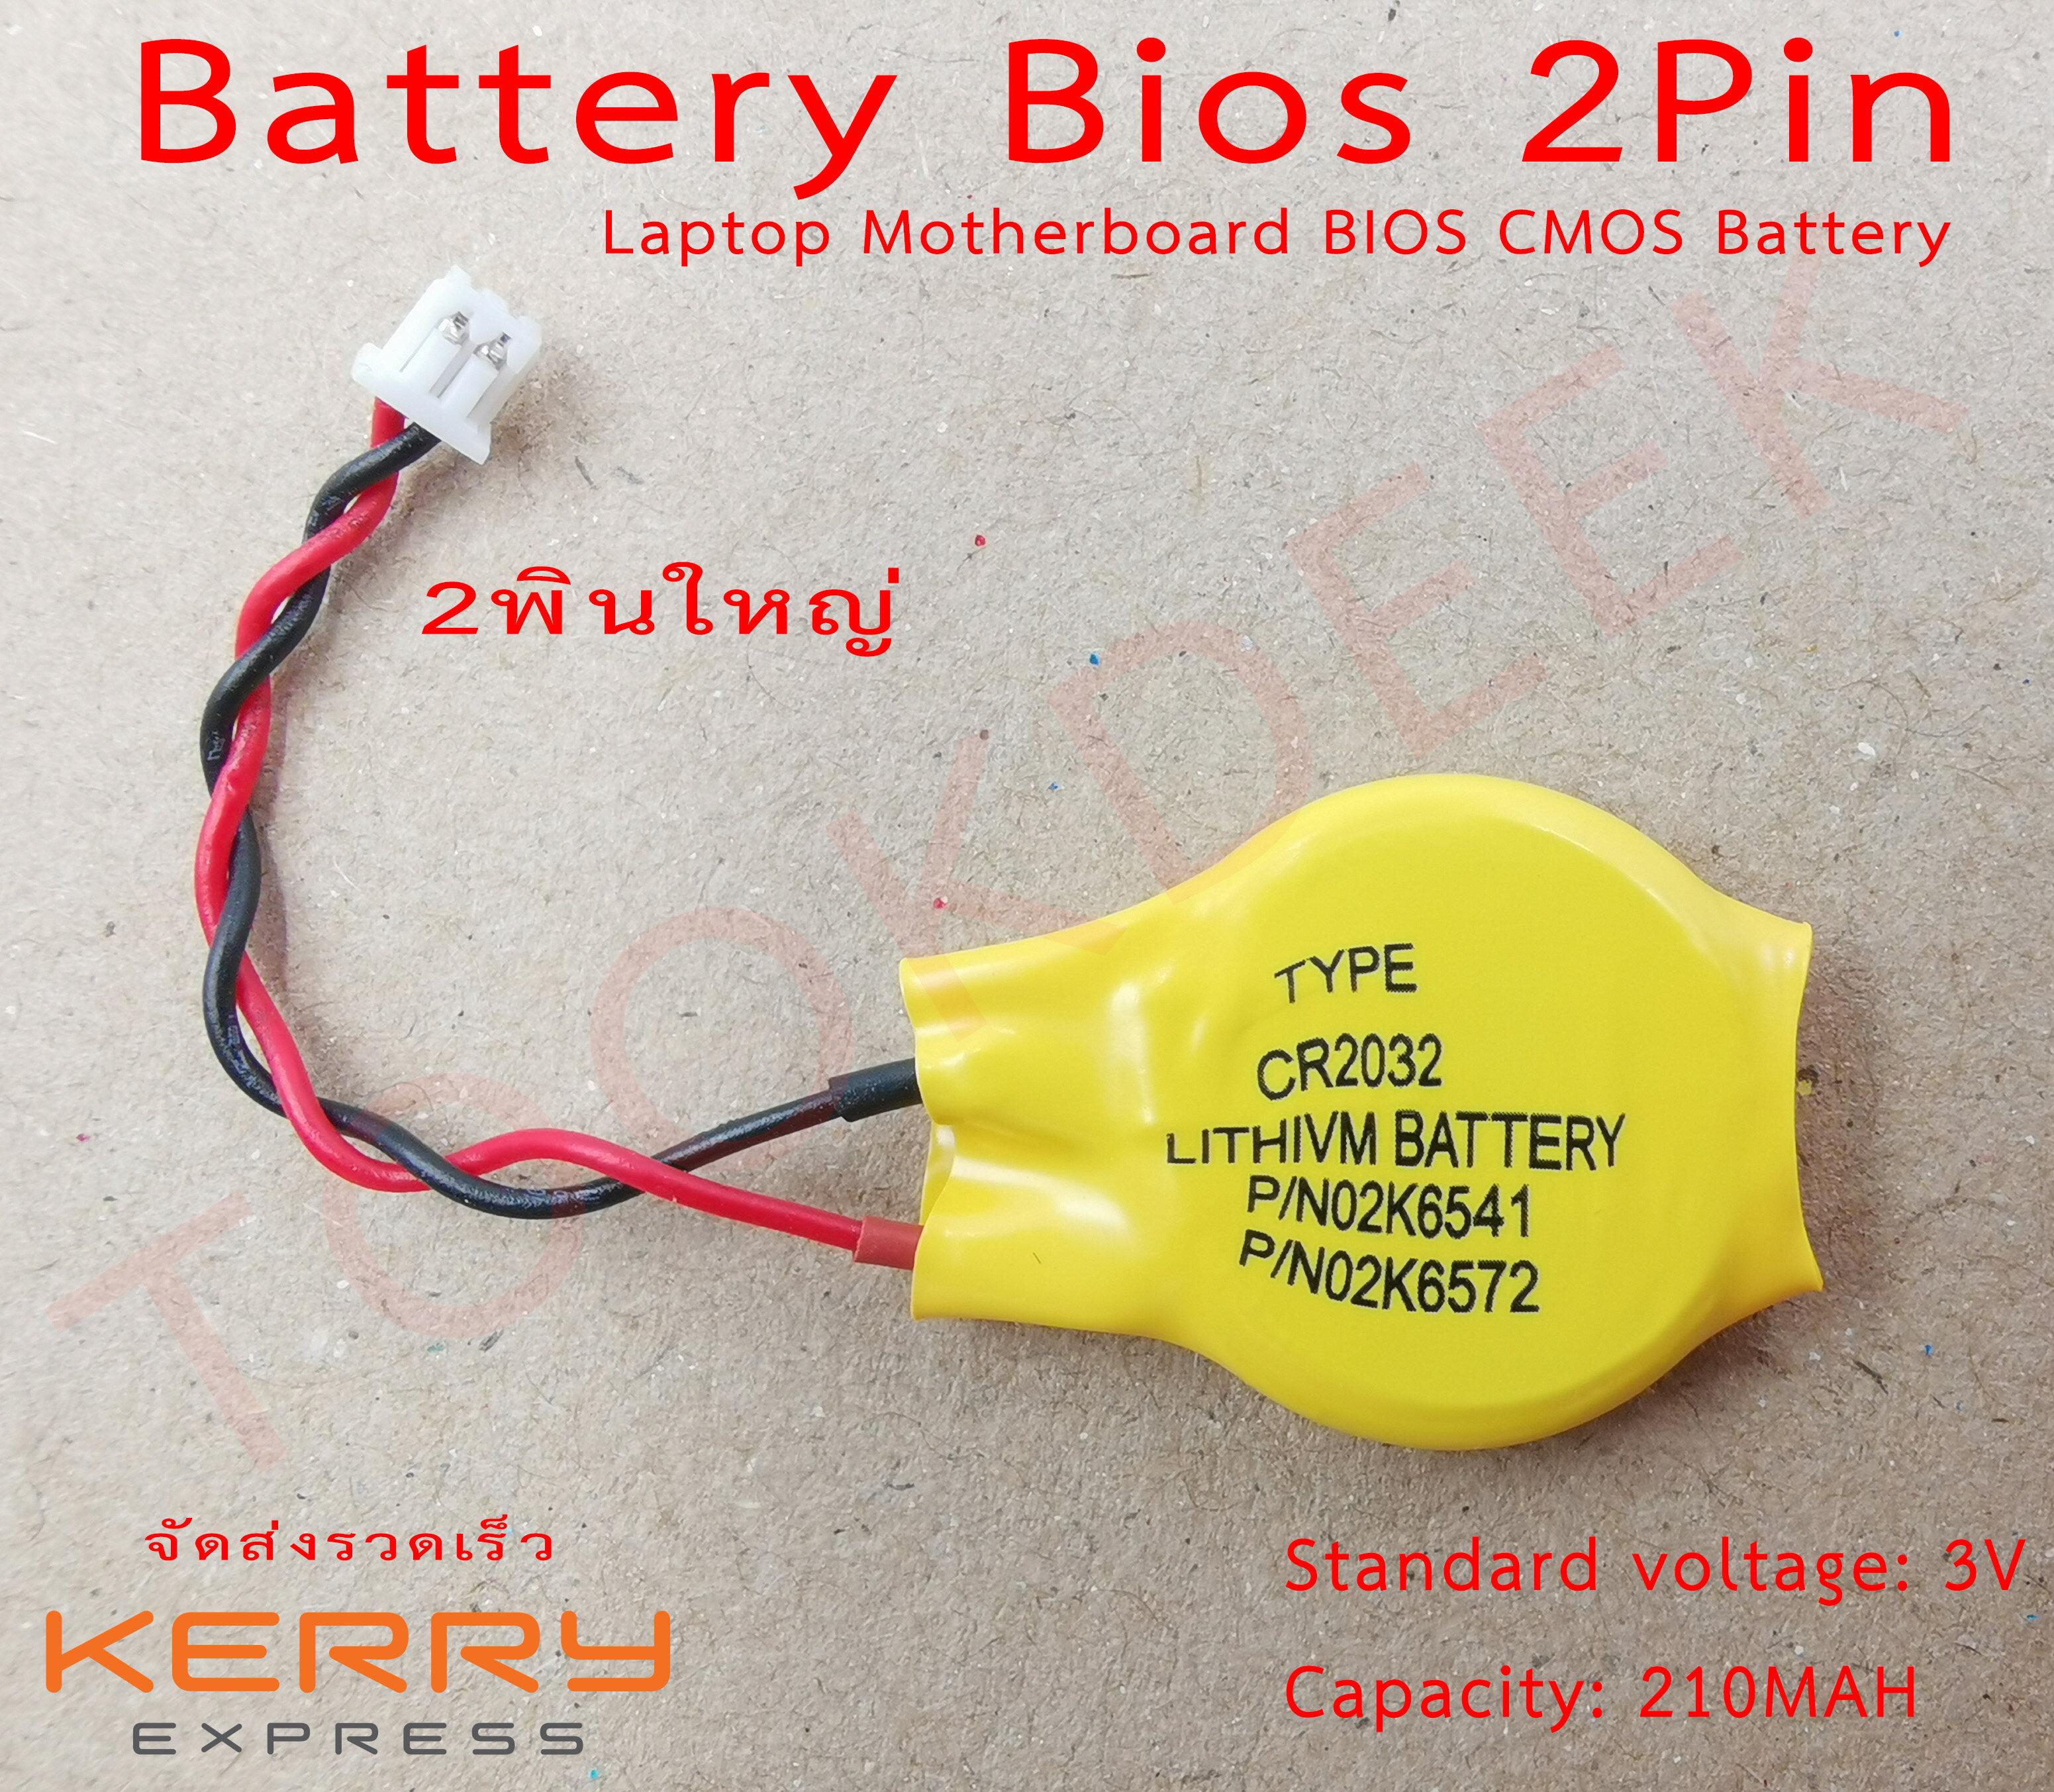 ถ่าน Bios Notebook (ใหญ่) 2pin ใหญ่ เบอร์ Cr2032 Battery.